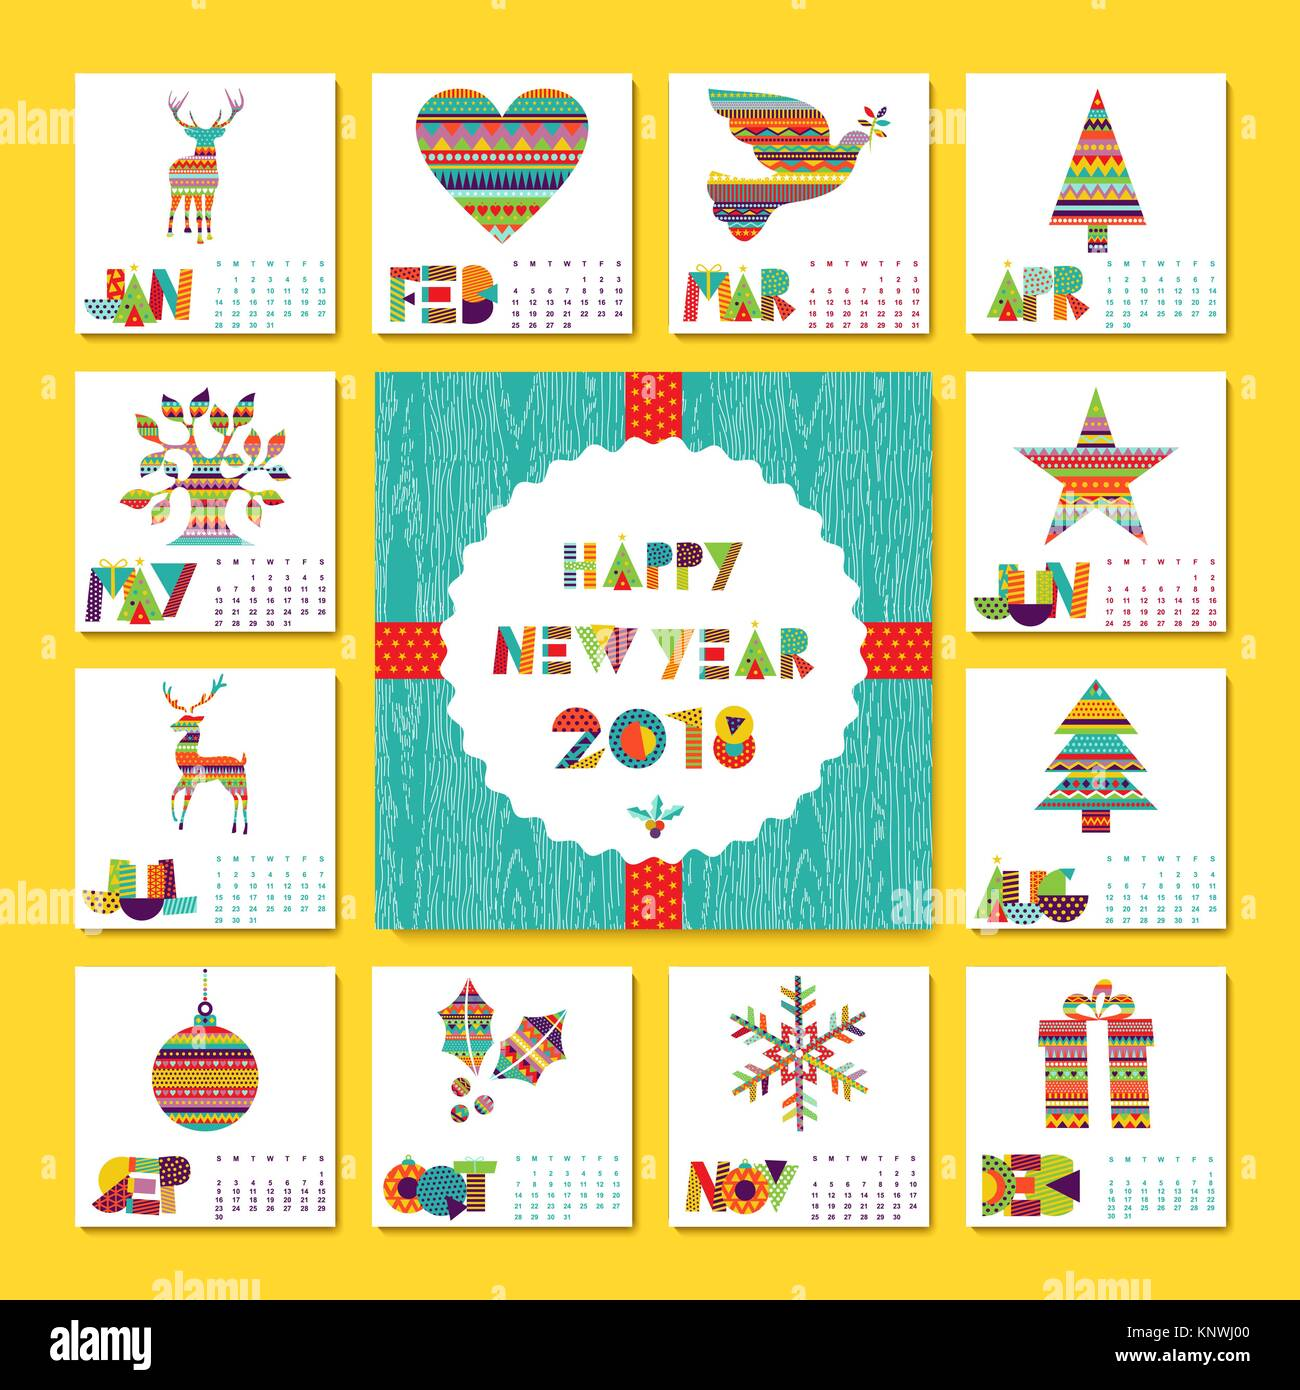 weihnachten 2018 urlaub Frohes Neues Jahr 2018 Urlaub Kalender Vorlage mit Weihnachten  weihnachten 2018 urlaub